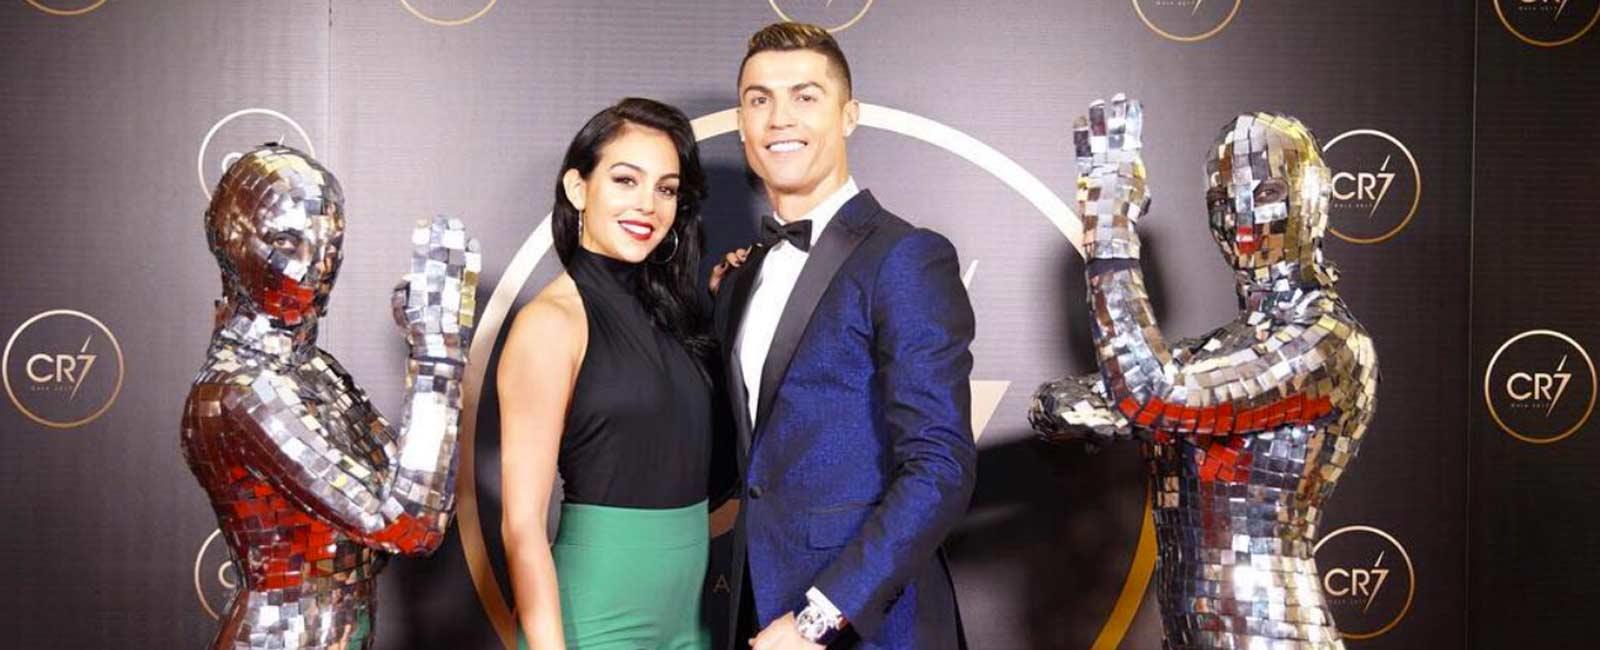 La gran fiesta de Cristiano Ronaldo y la sorprendente recuperación de Georgina